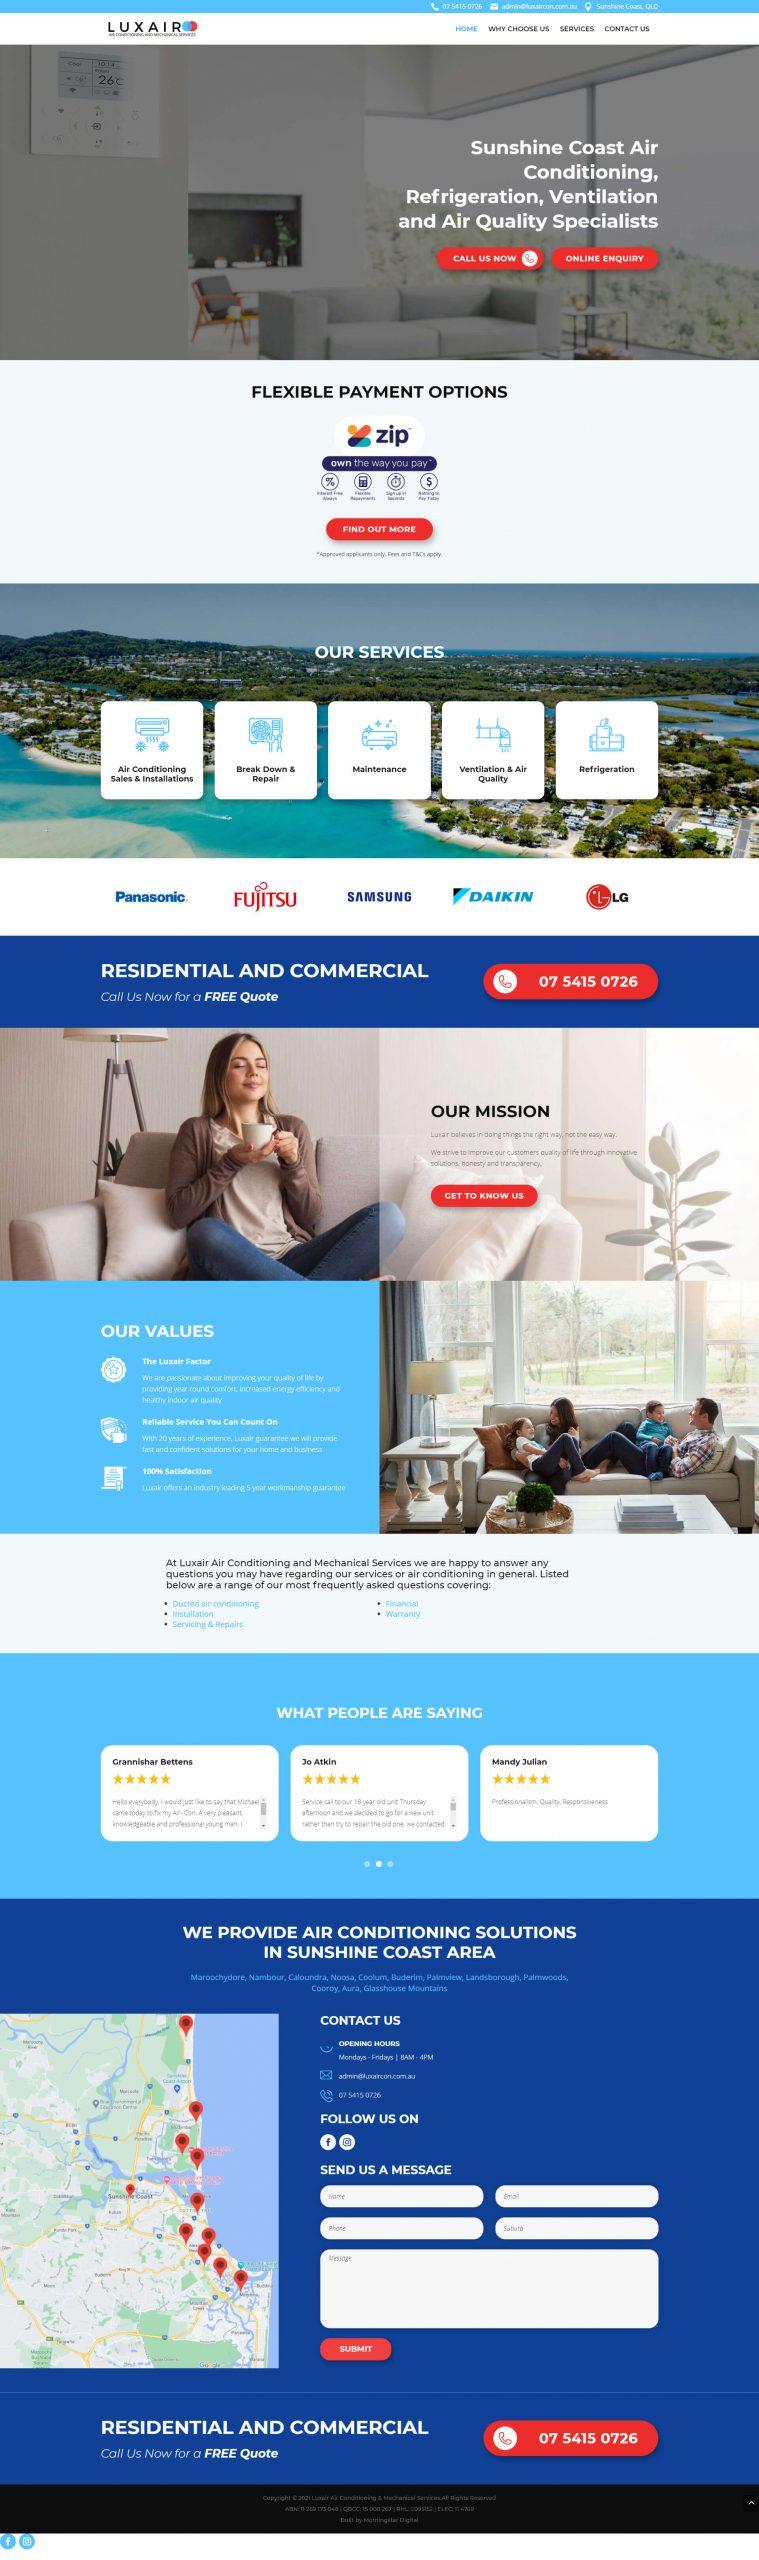 Luxair Homepage